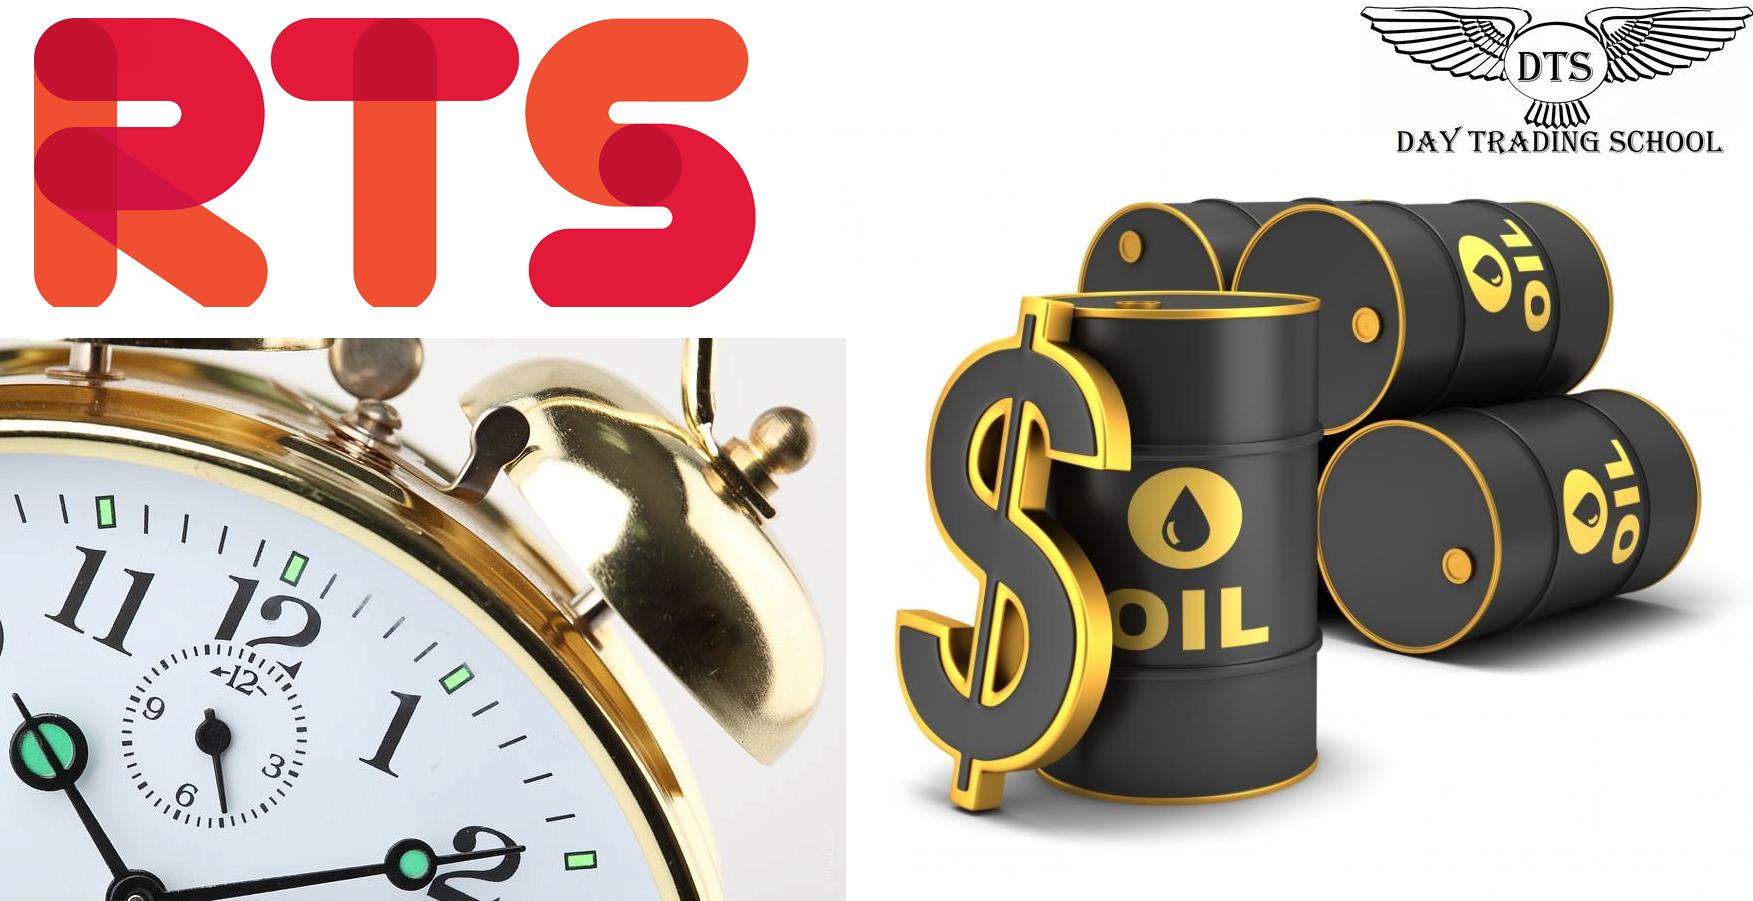 антипервый-час-нефть-ртс-главная